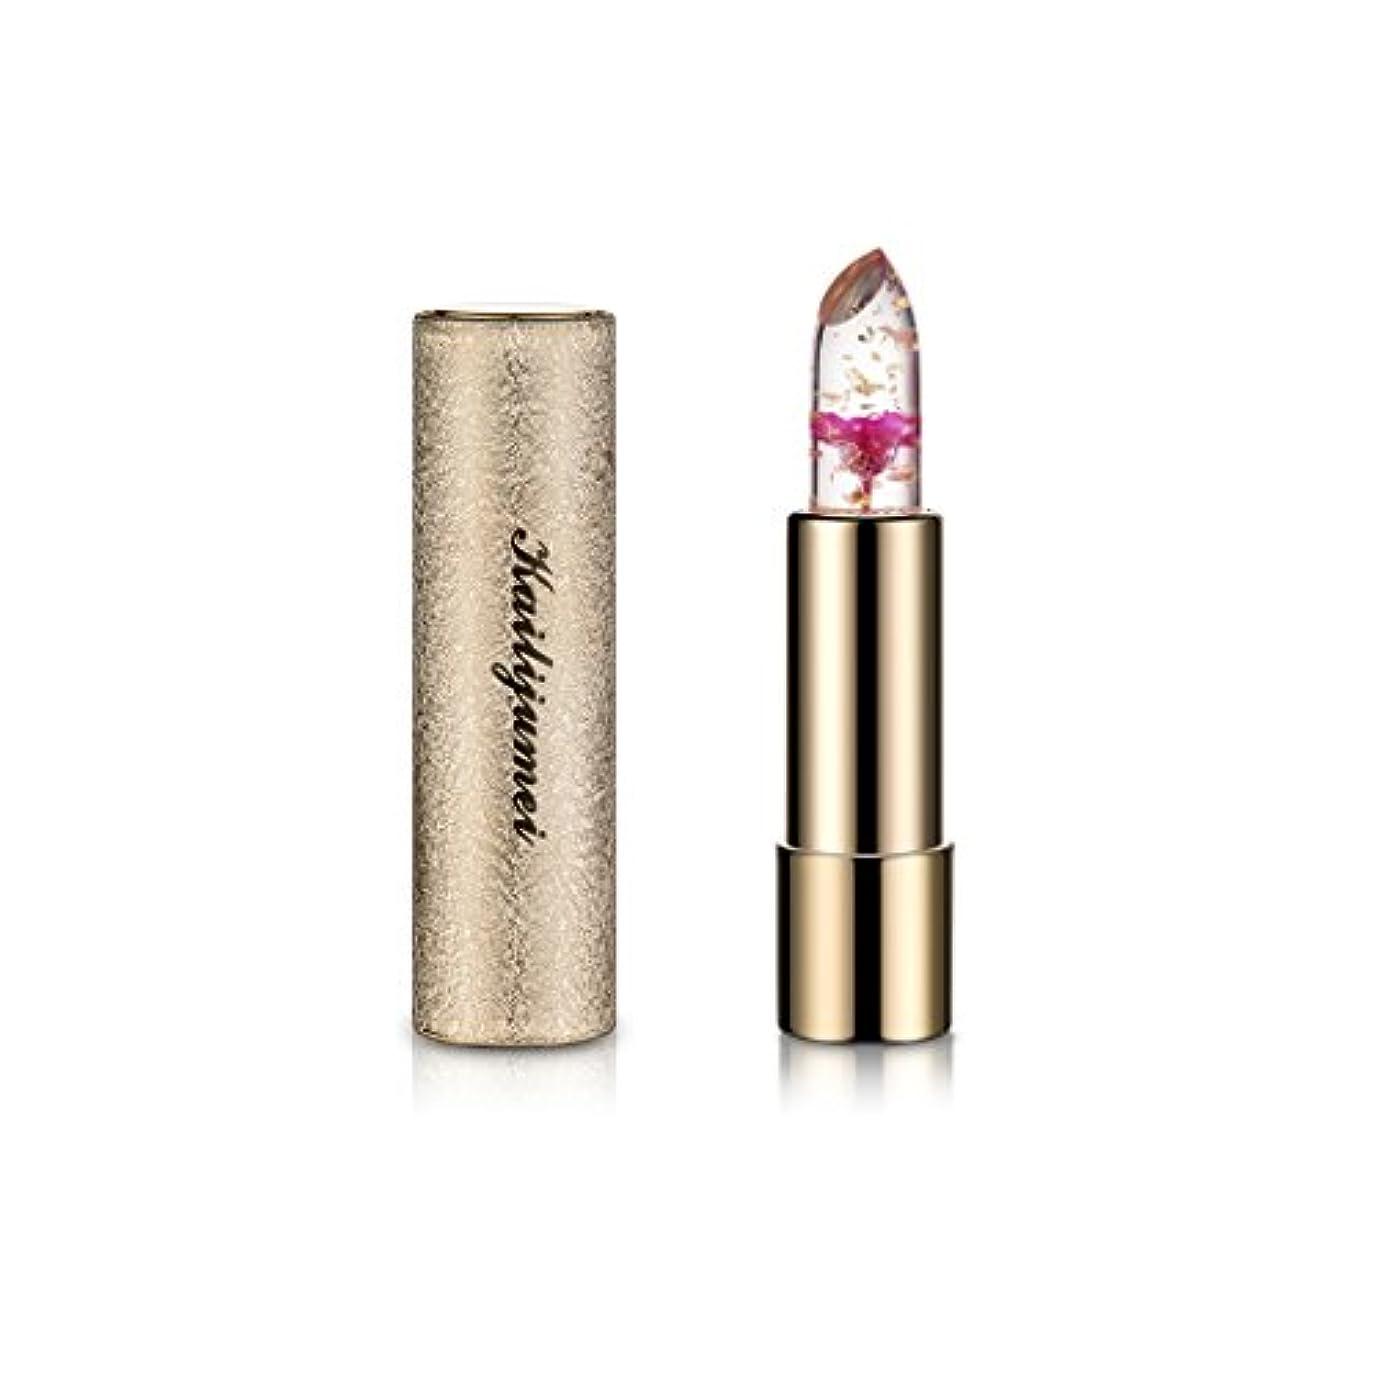 清めるスピーカー重量日本限定モデル 新作 kailijumei magic color lip 日本正規品 マジックカラー 唇の温度で色が変化するリップ 口紅 リップバーム カイリジュメイ ドライフラワー お花 (FLAME RED(レッド))